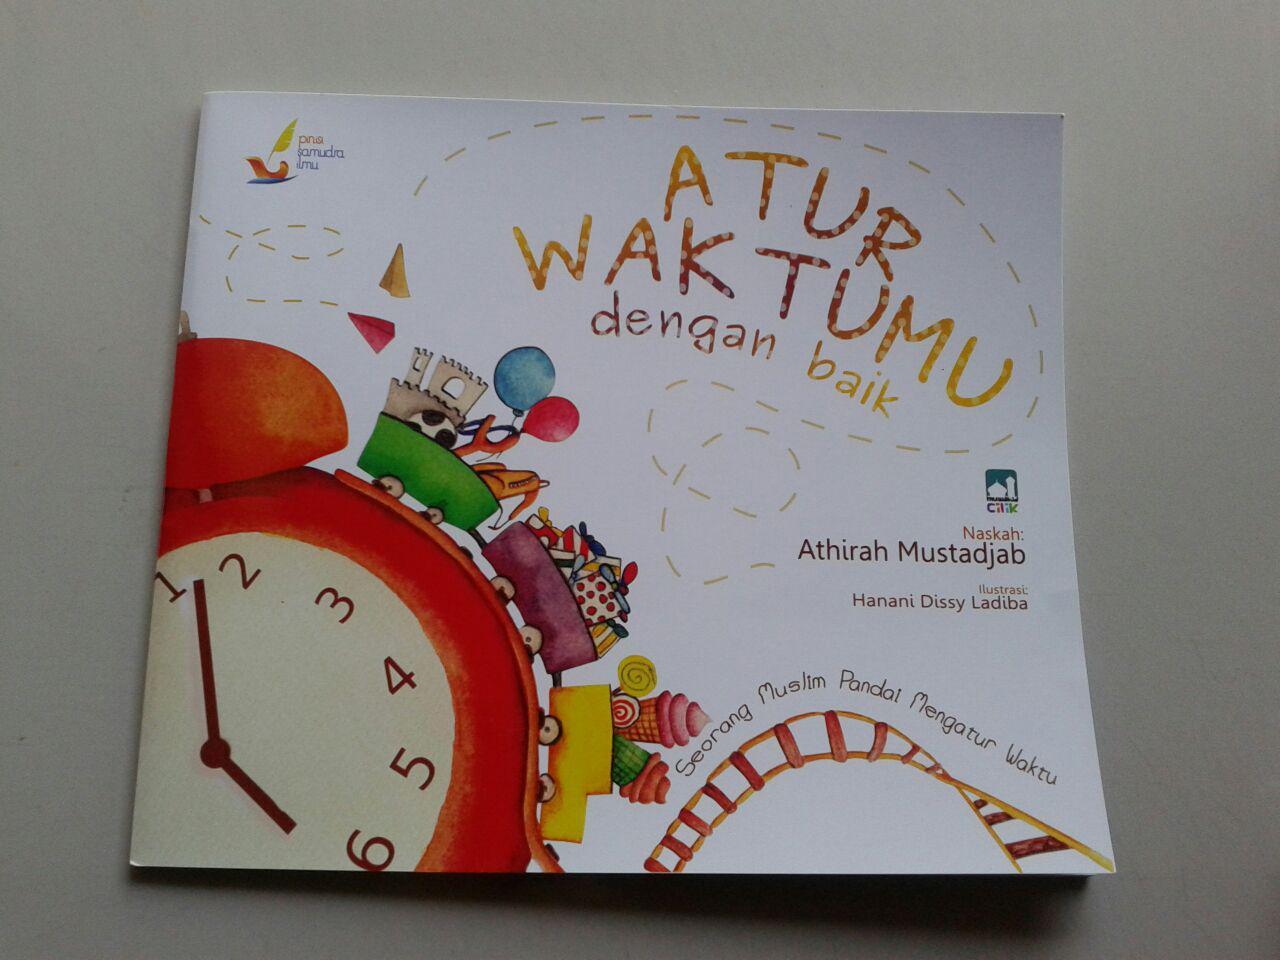 Buku Anak Atur Waktumu Dengan Baik cover